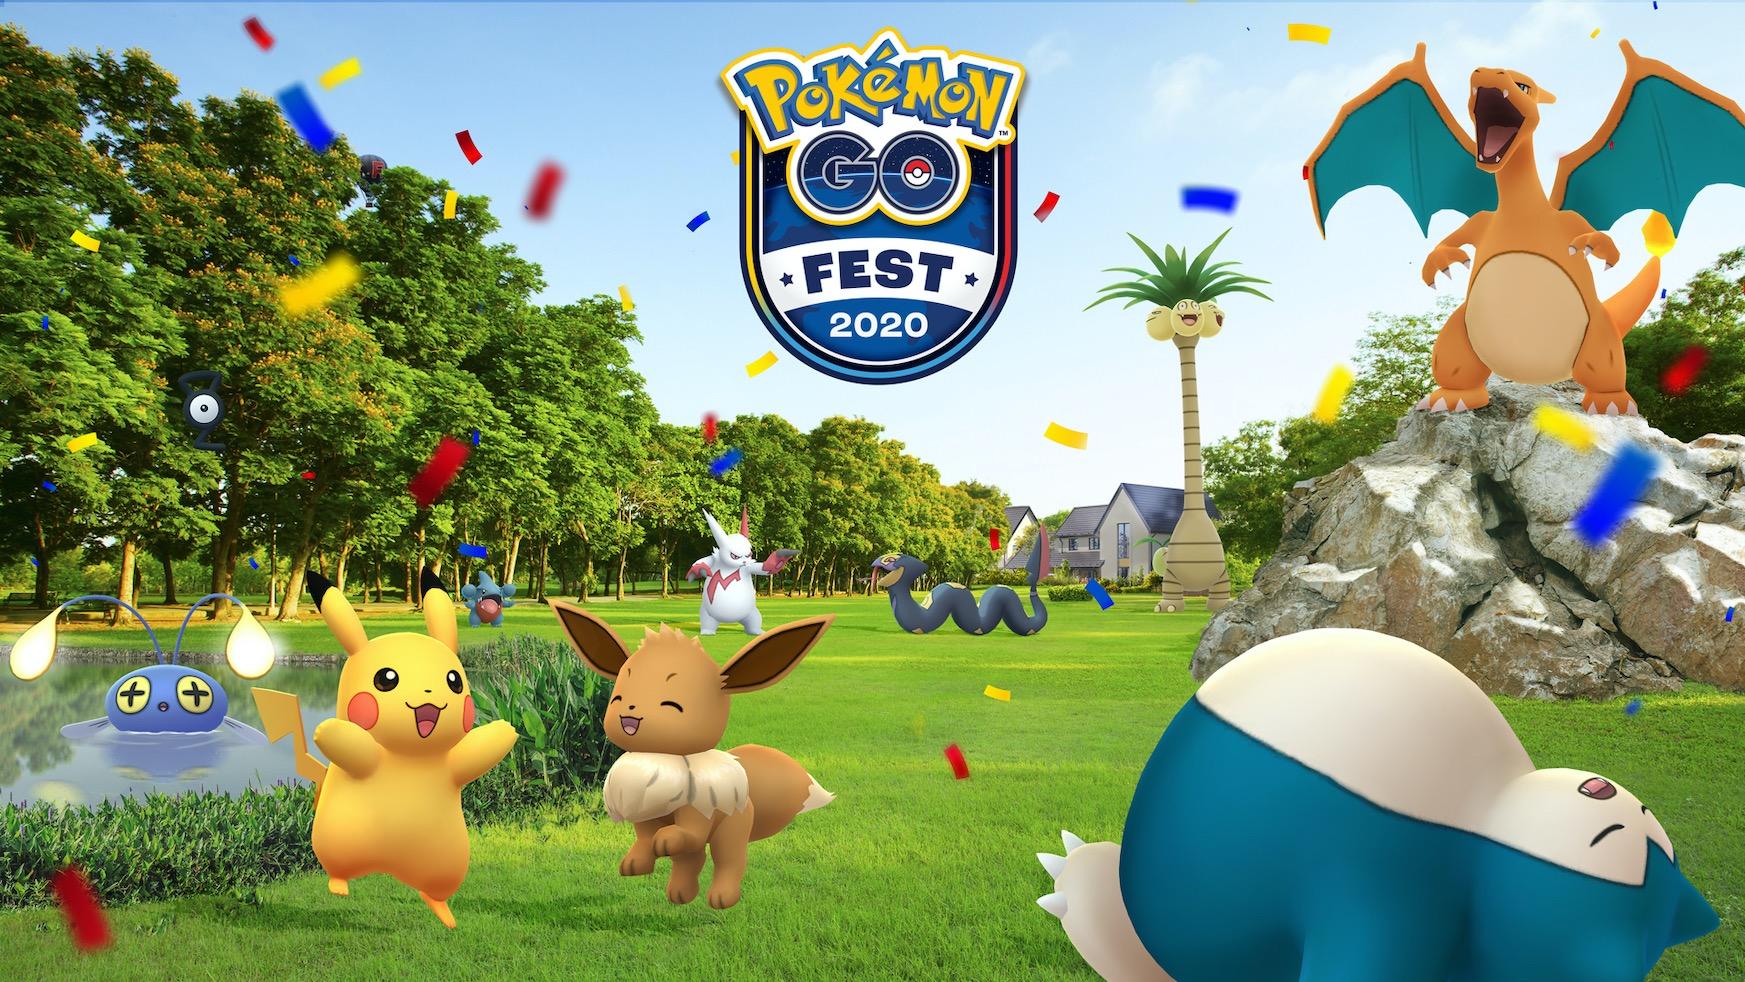 Jokalari poloniarrek Pokemon GO Fest jaialdian parte hartuko dute lehenengo aldiz